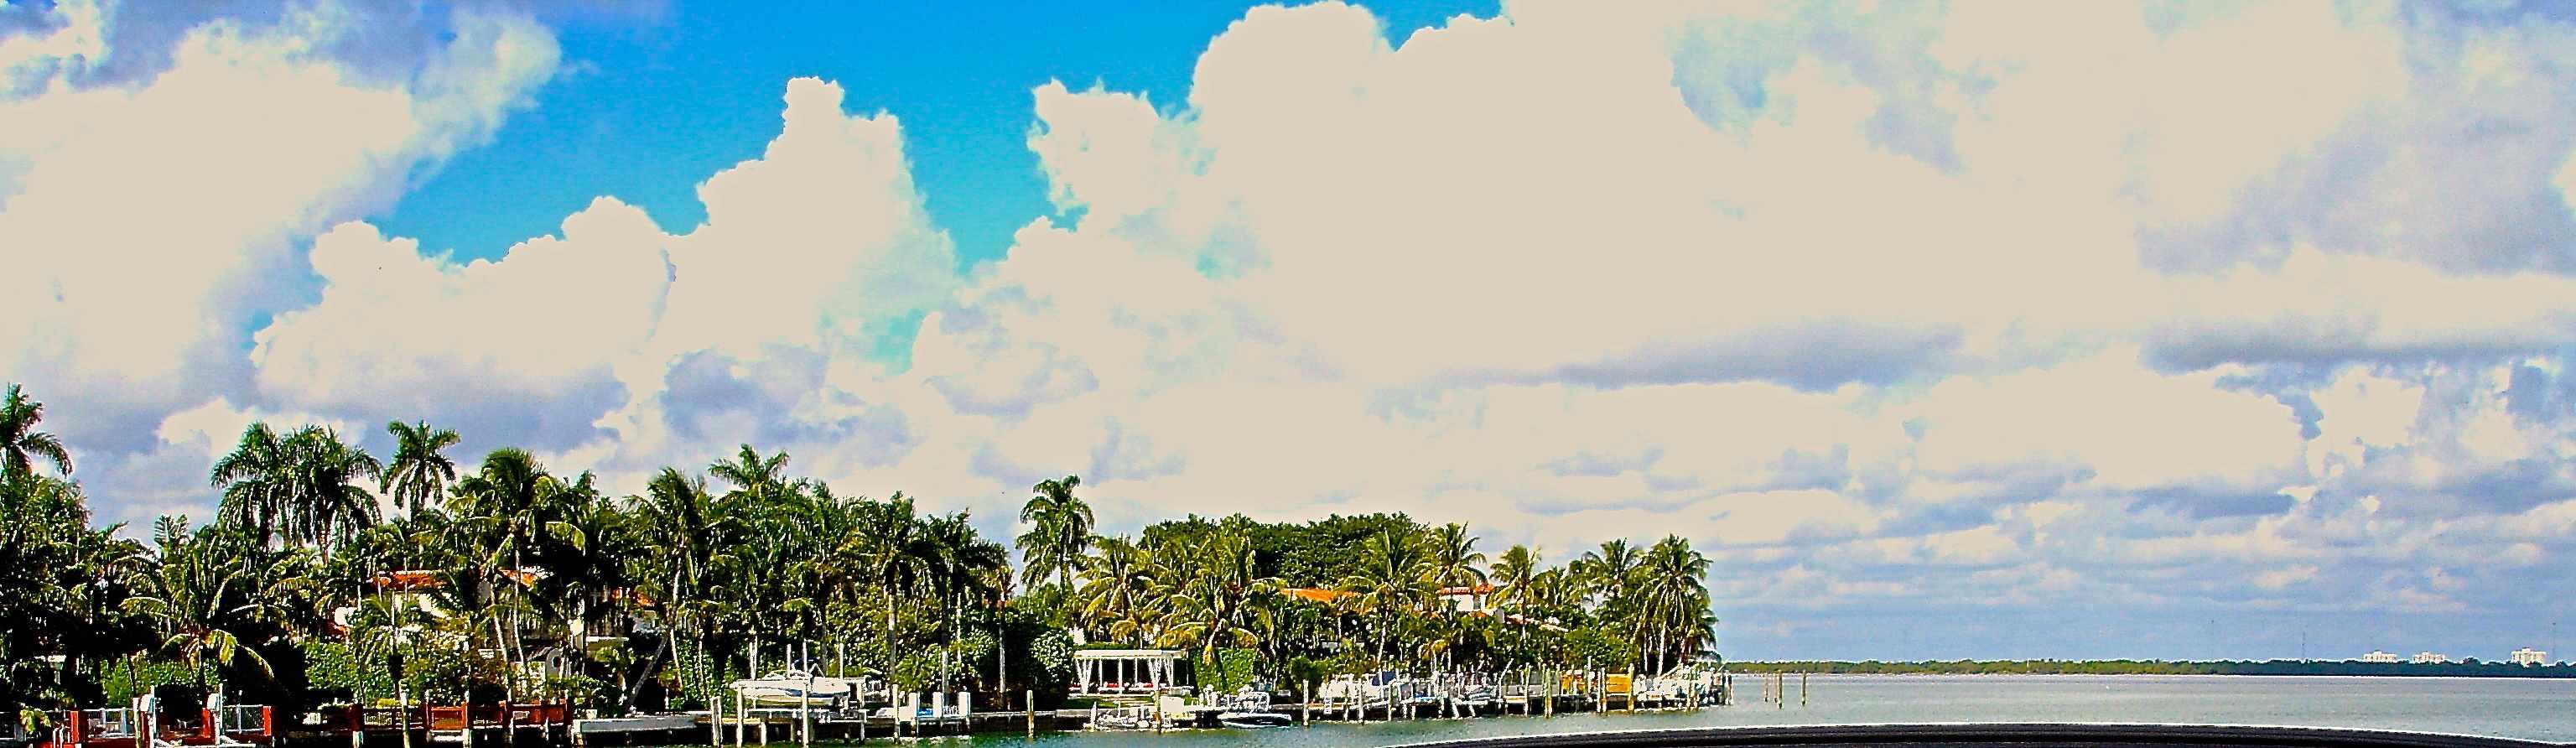 Miami 5